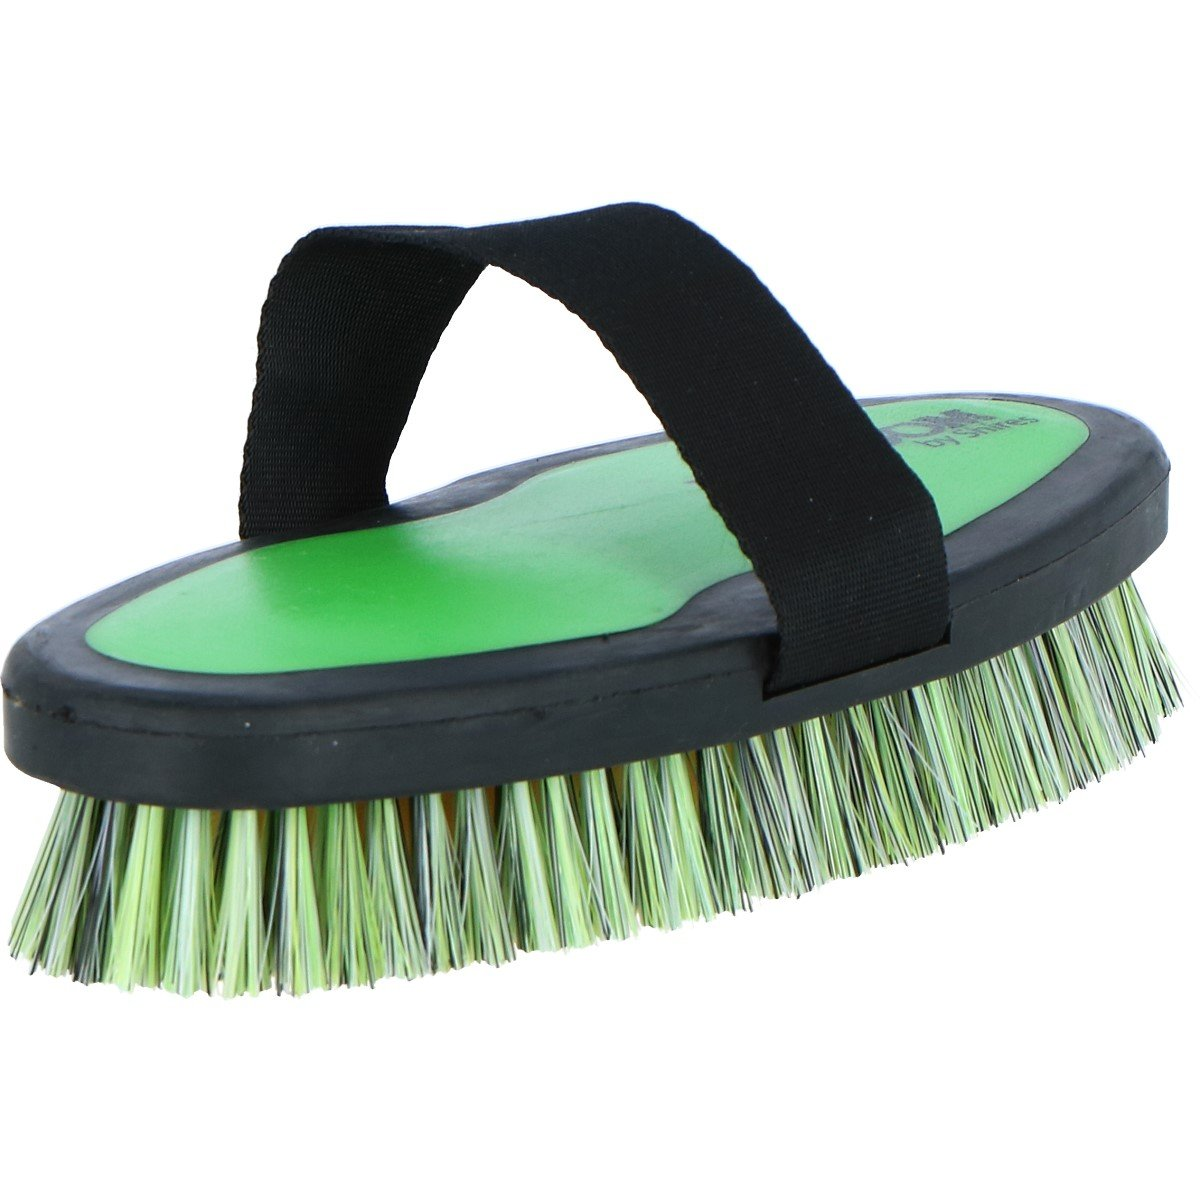 Imagem de Ezi Groom Body Wash Brush Lime Green L